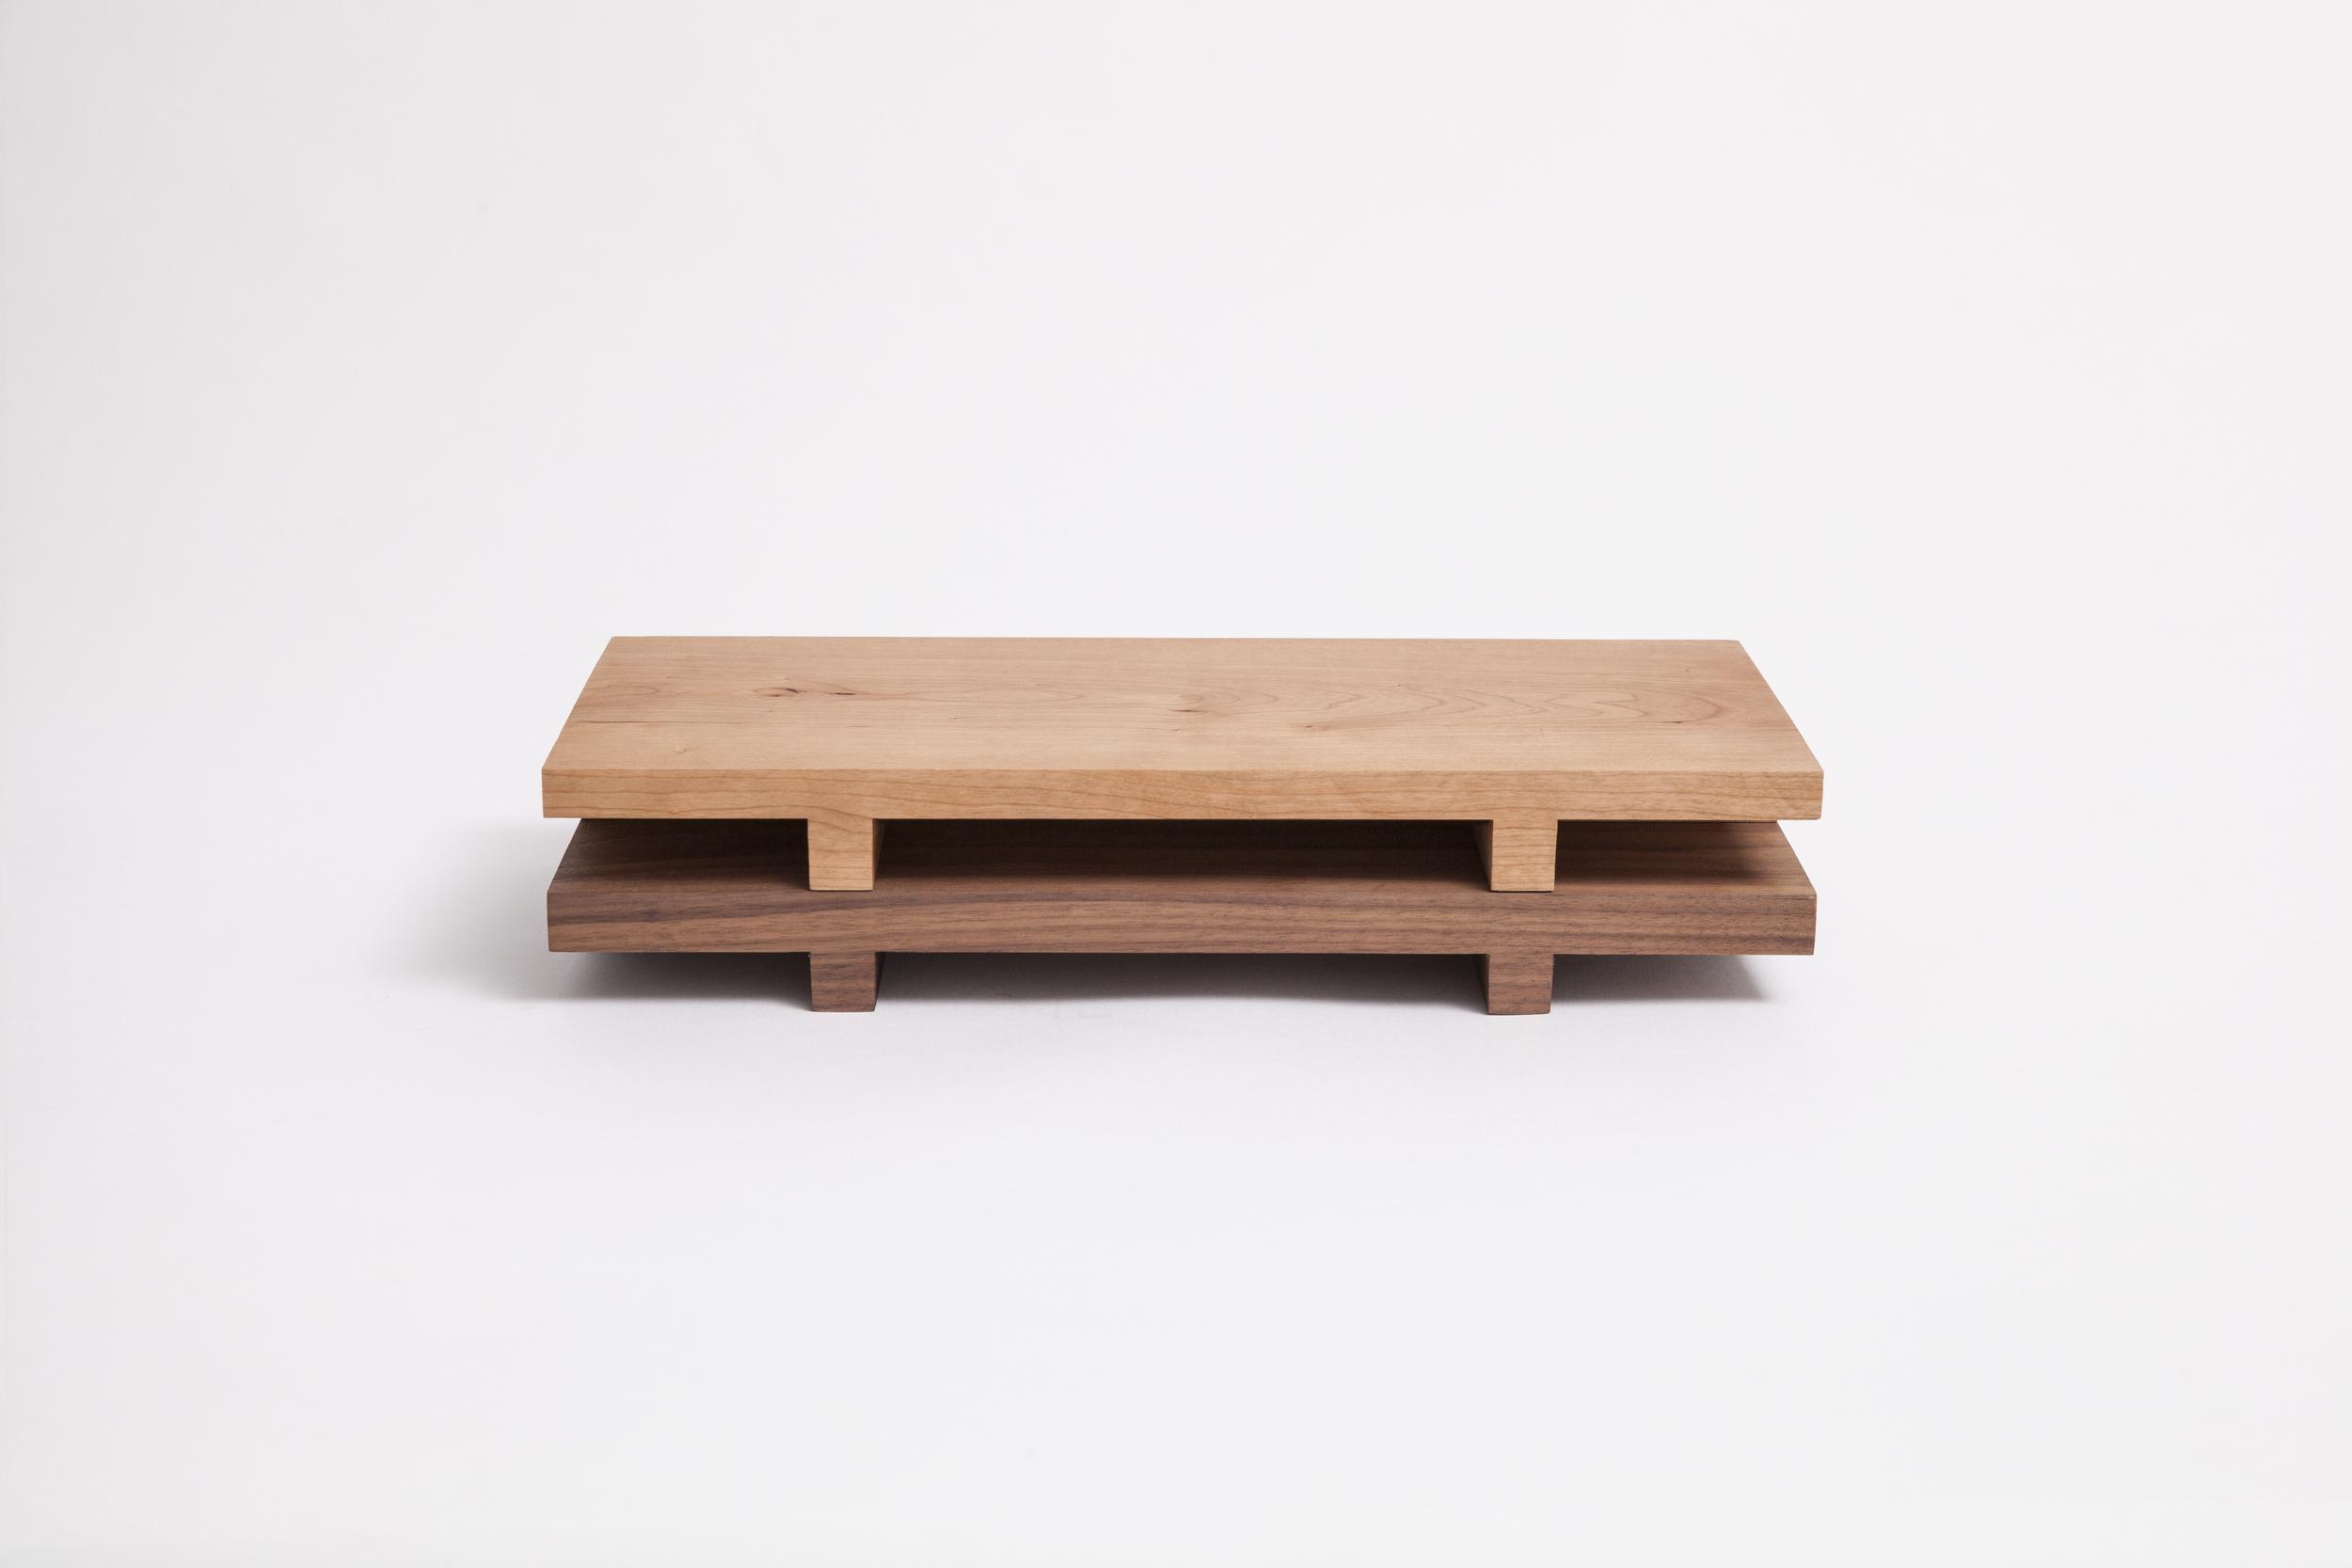 Wood Plate Thom Fougere Studio